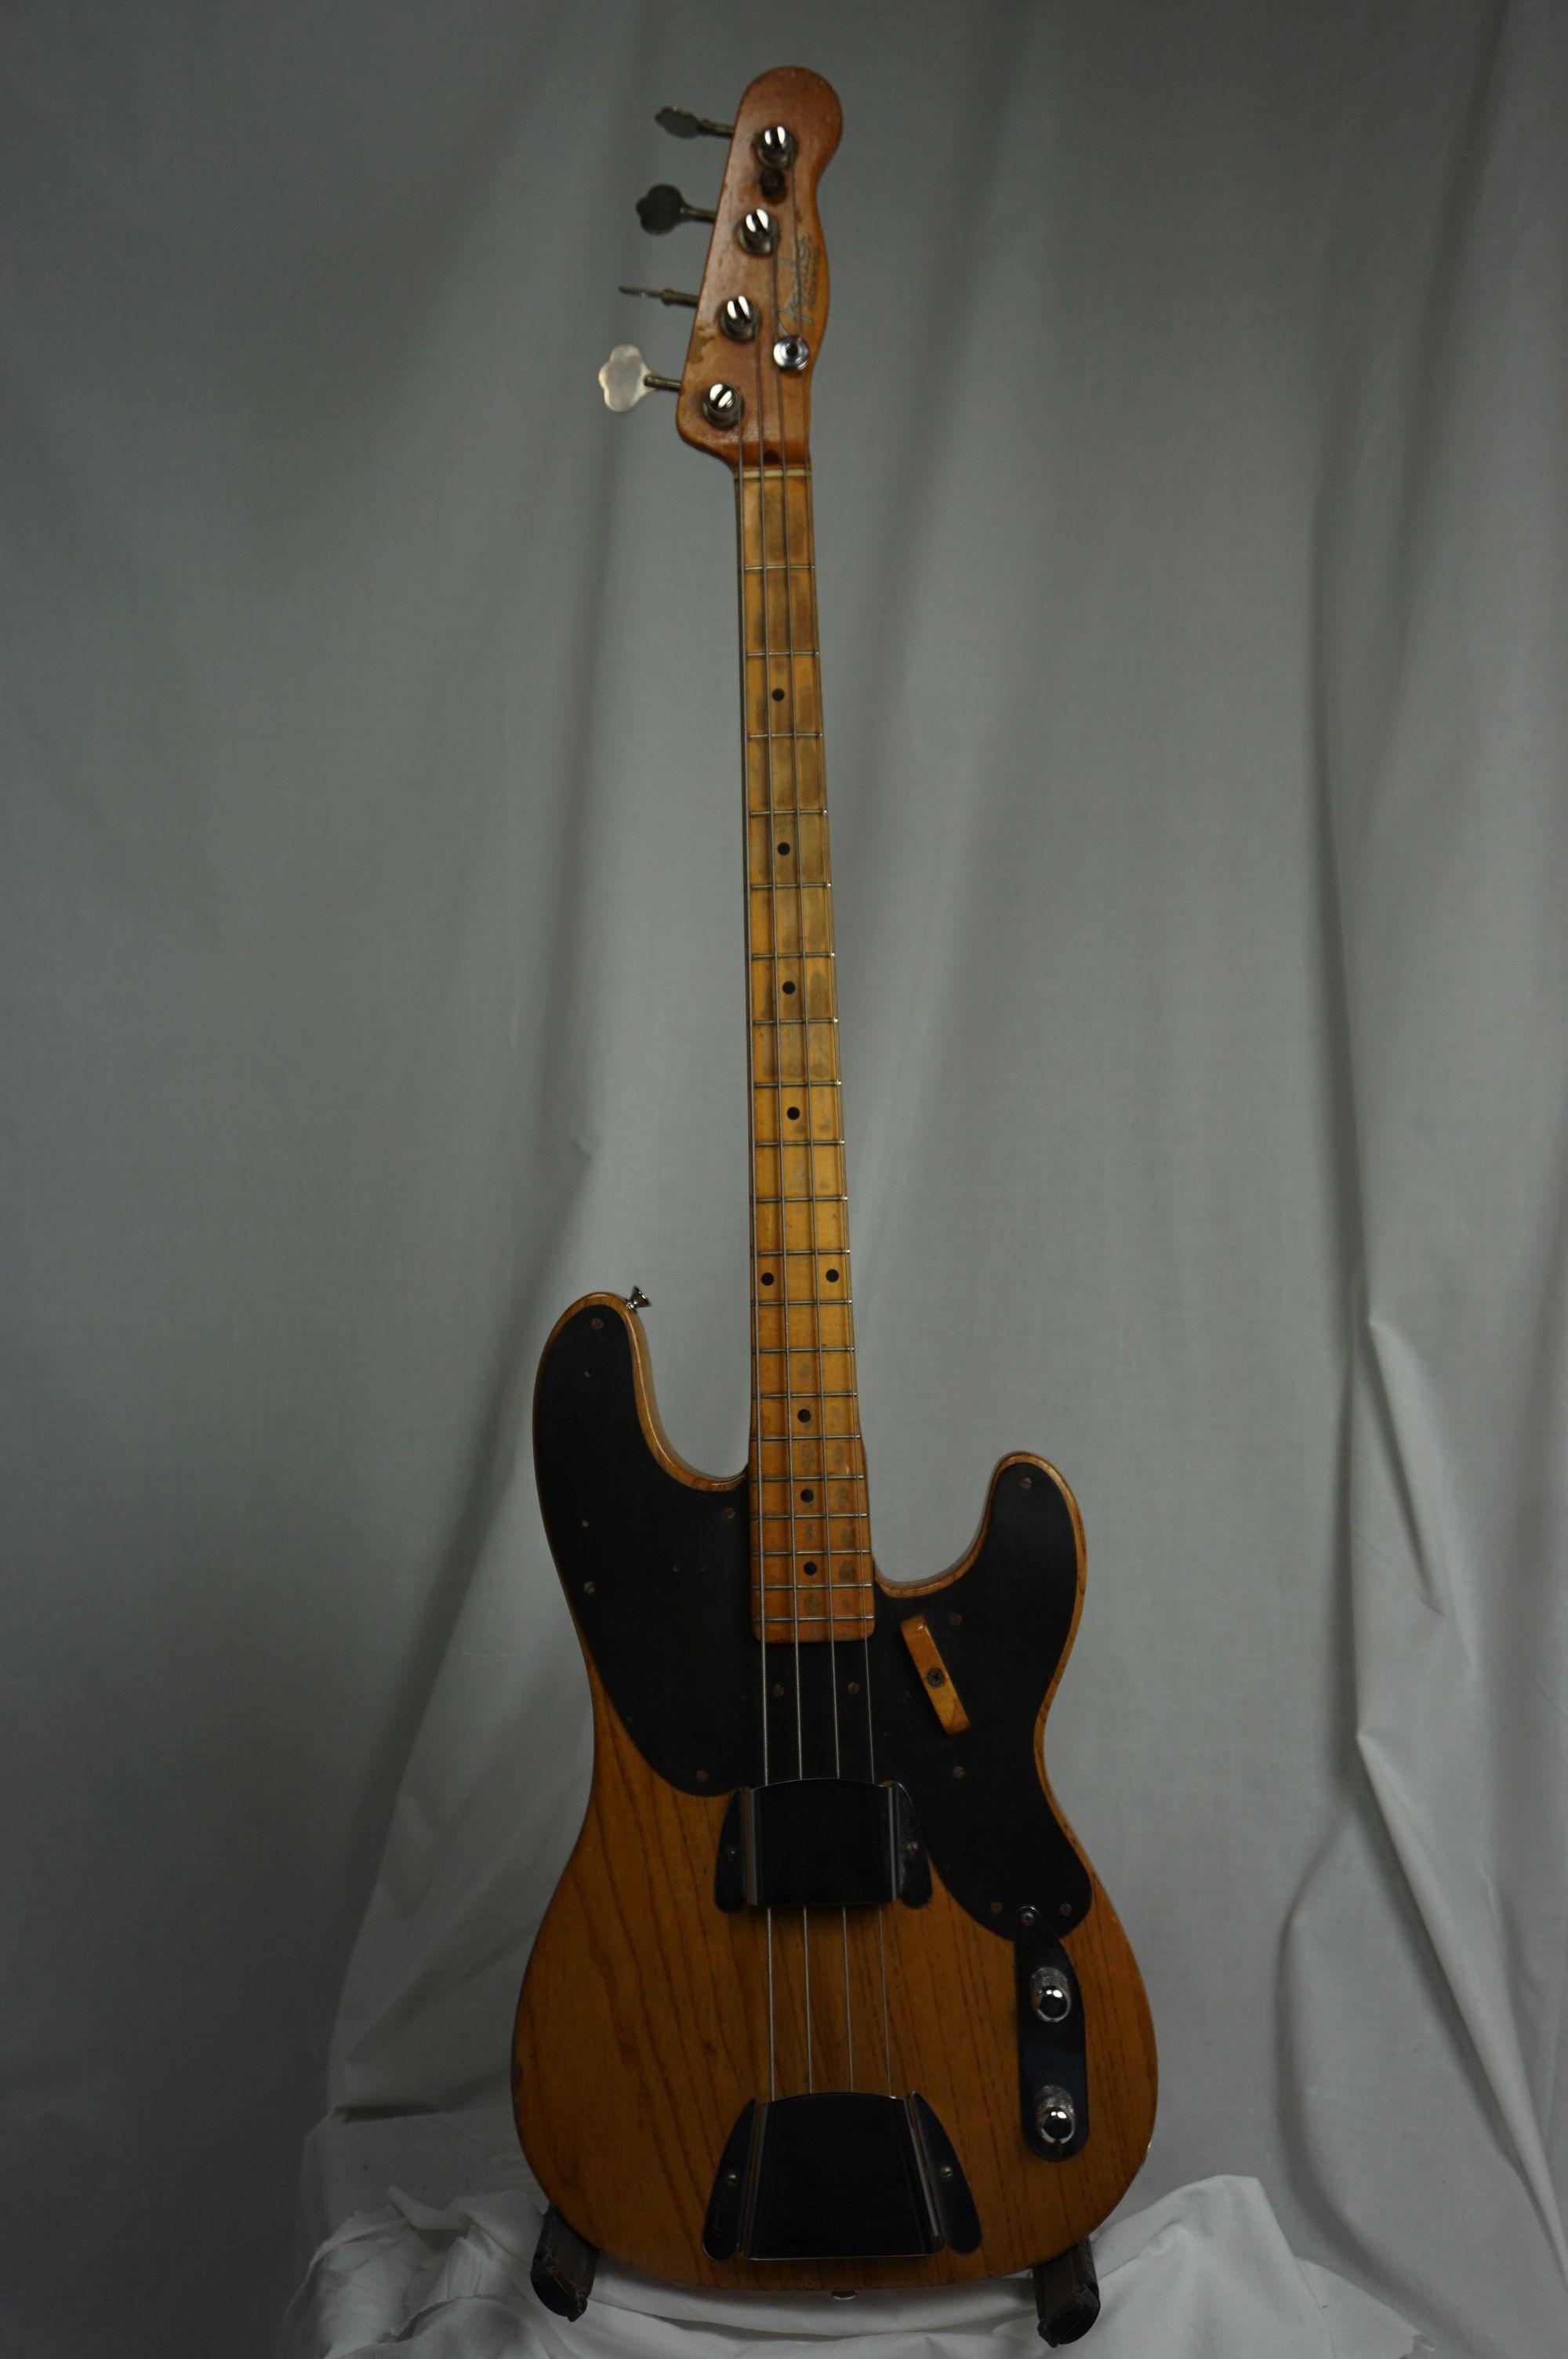 vintage fender precision bass 1951 westwood music tradition since 1947 vintage folk. Black Bedroom Furniture Sets. Home Design Ideas